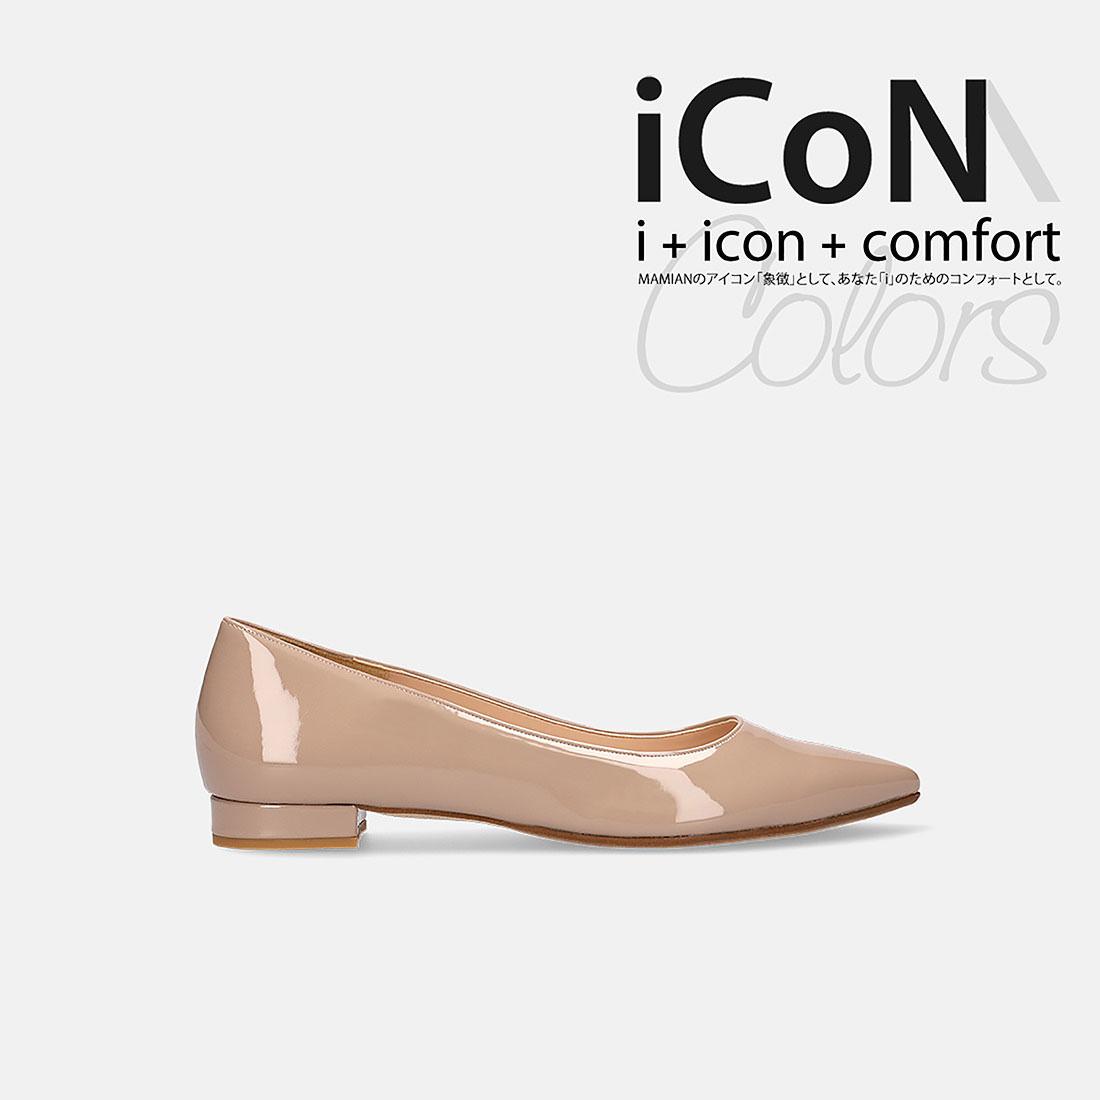 【iCoN】Colors 15P:グレージュエナメル(C20141)